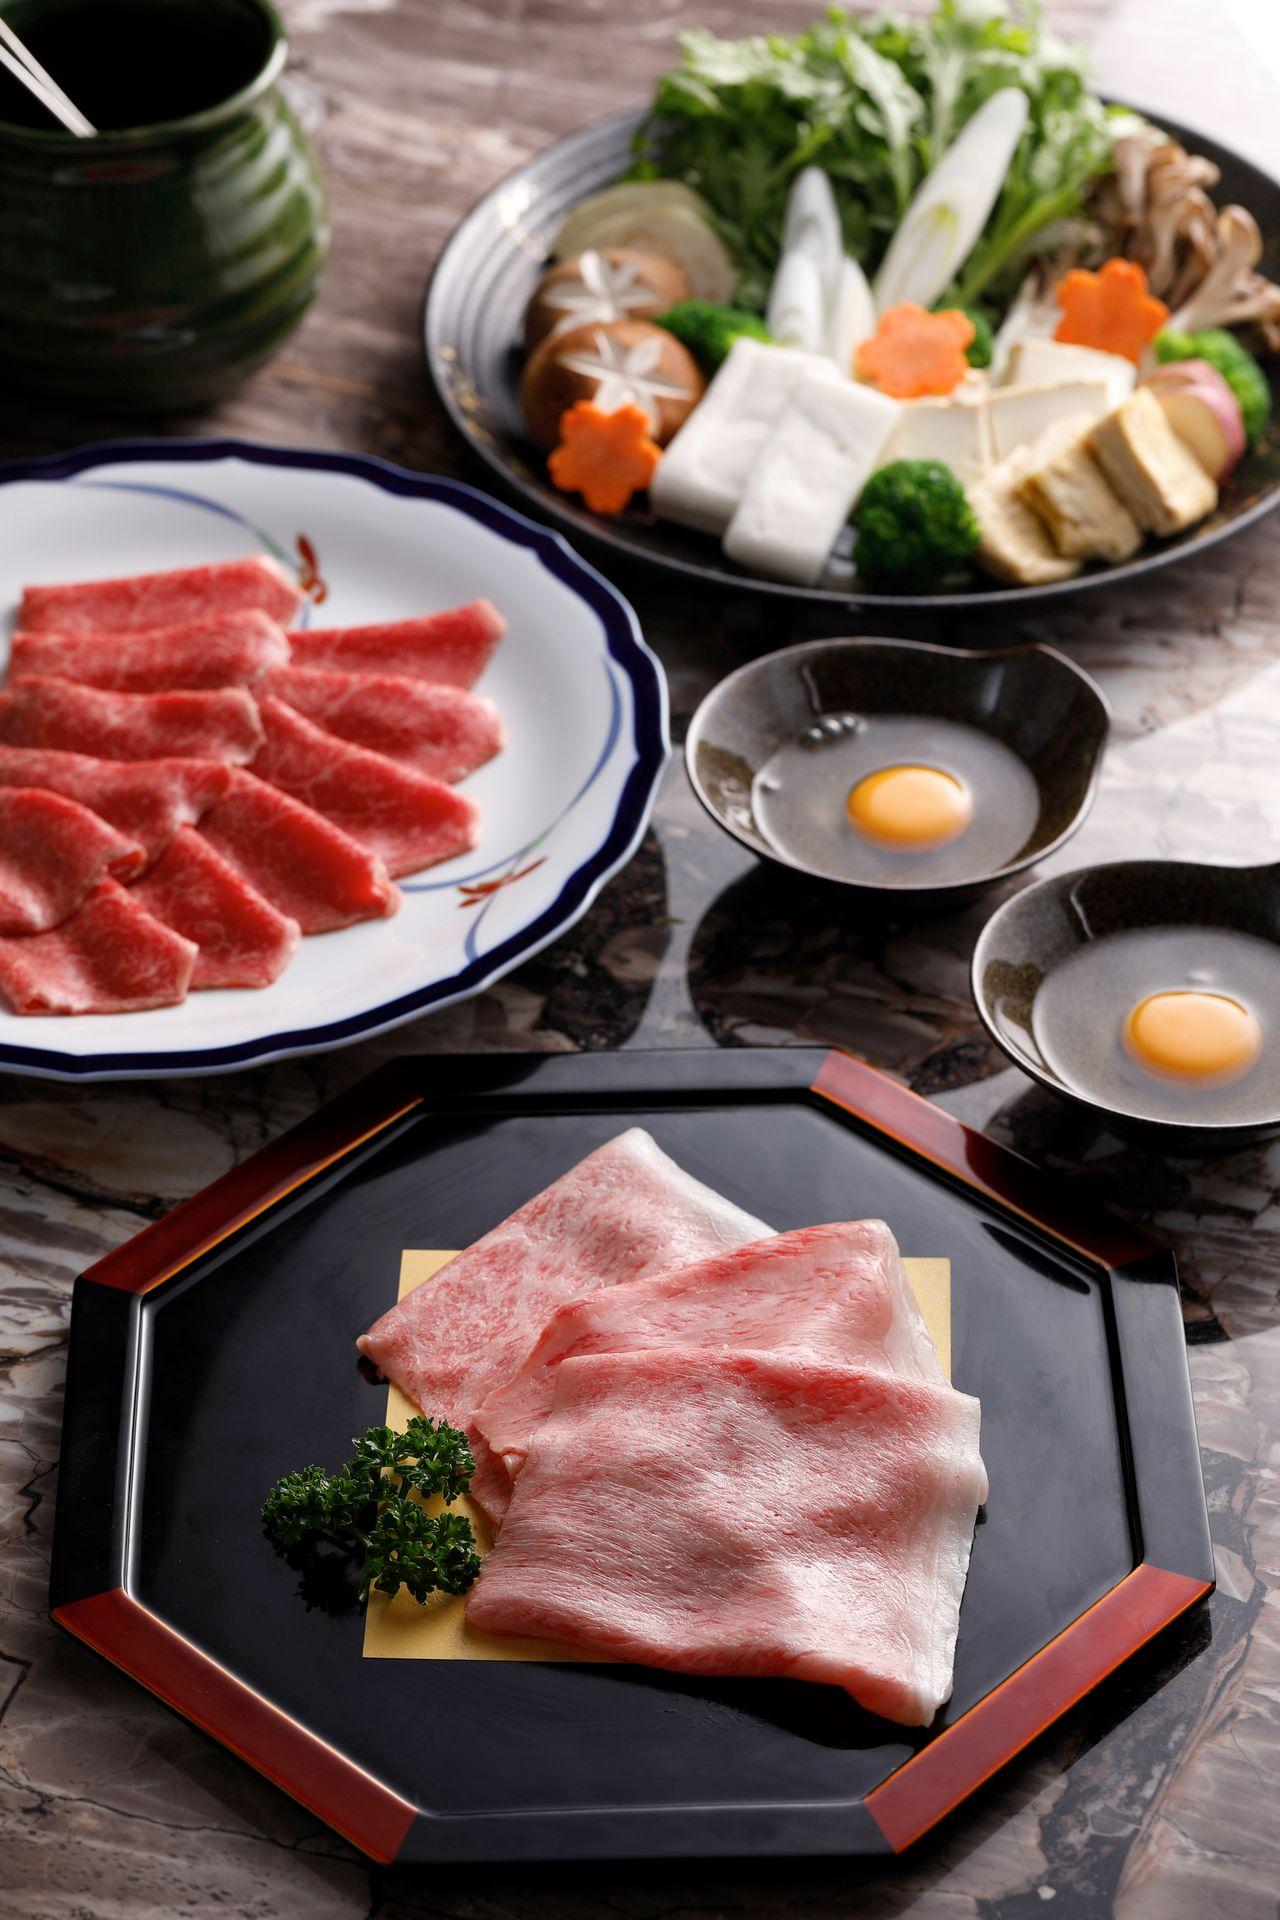 樂軒 松阪亭為全台首家供應日本A5和牛關西風壽喜燒。